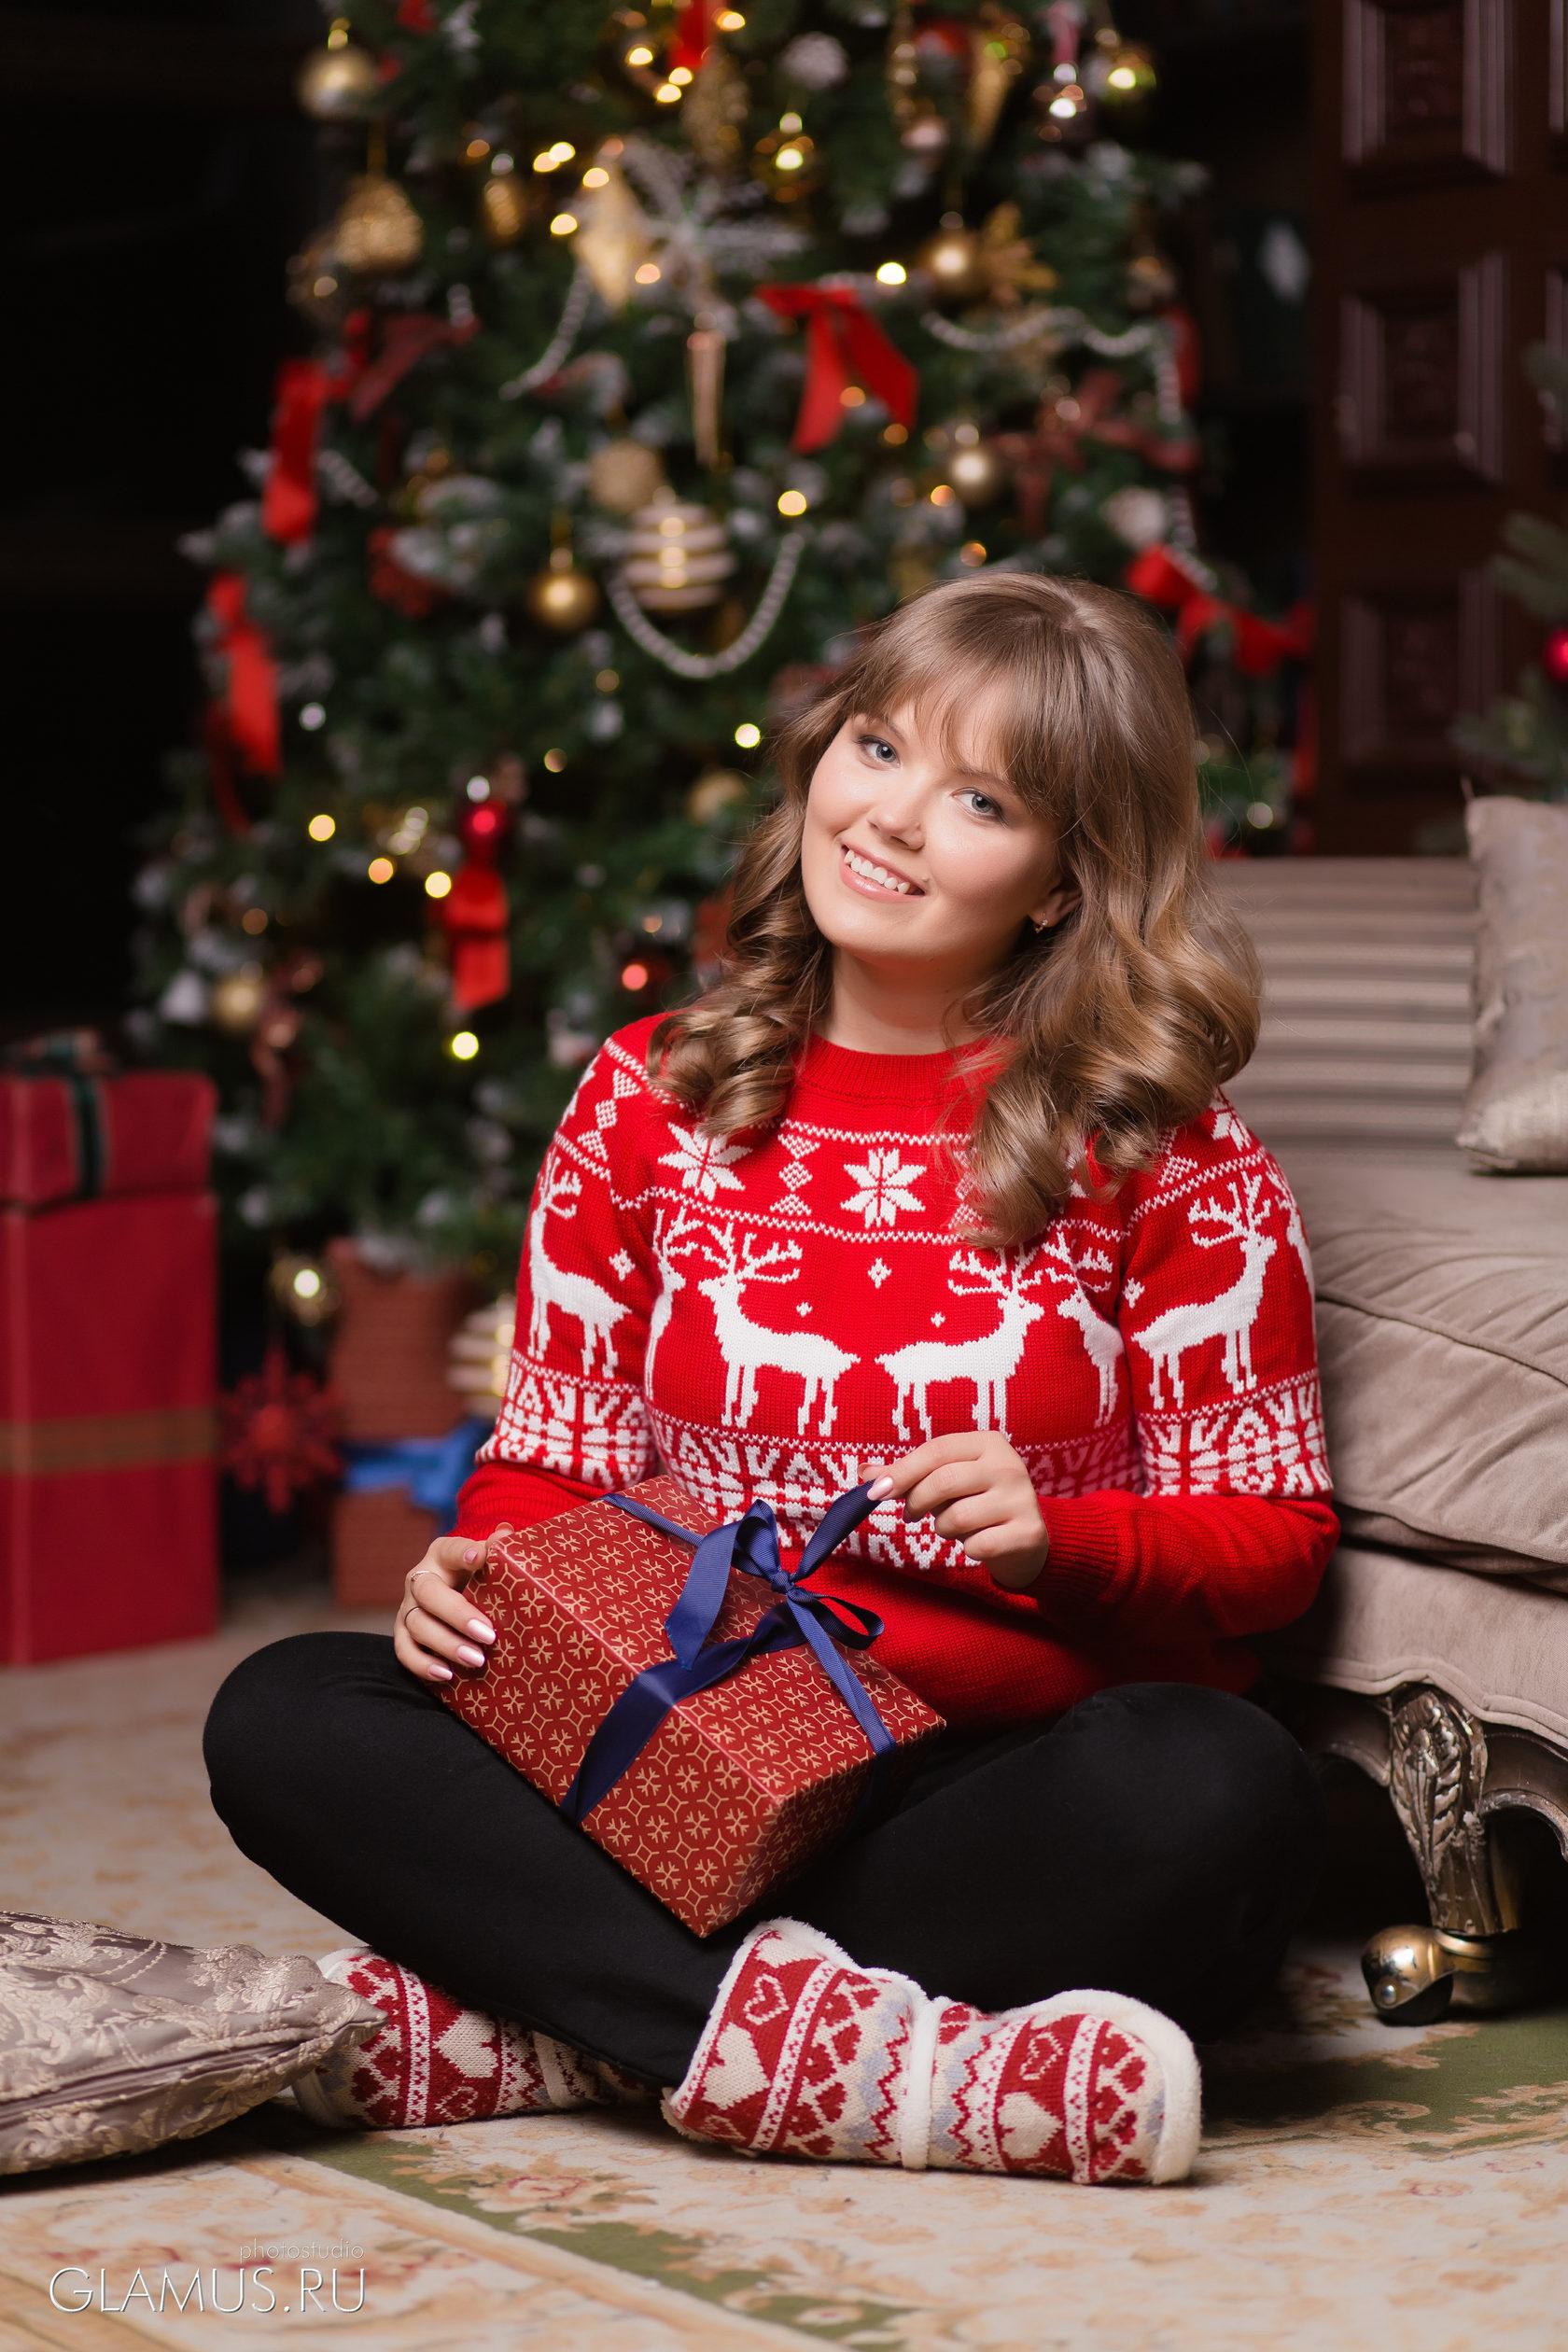 туда яйца, луки в свитерах для новогодней фотосессии копии высокого качества